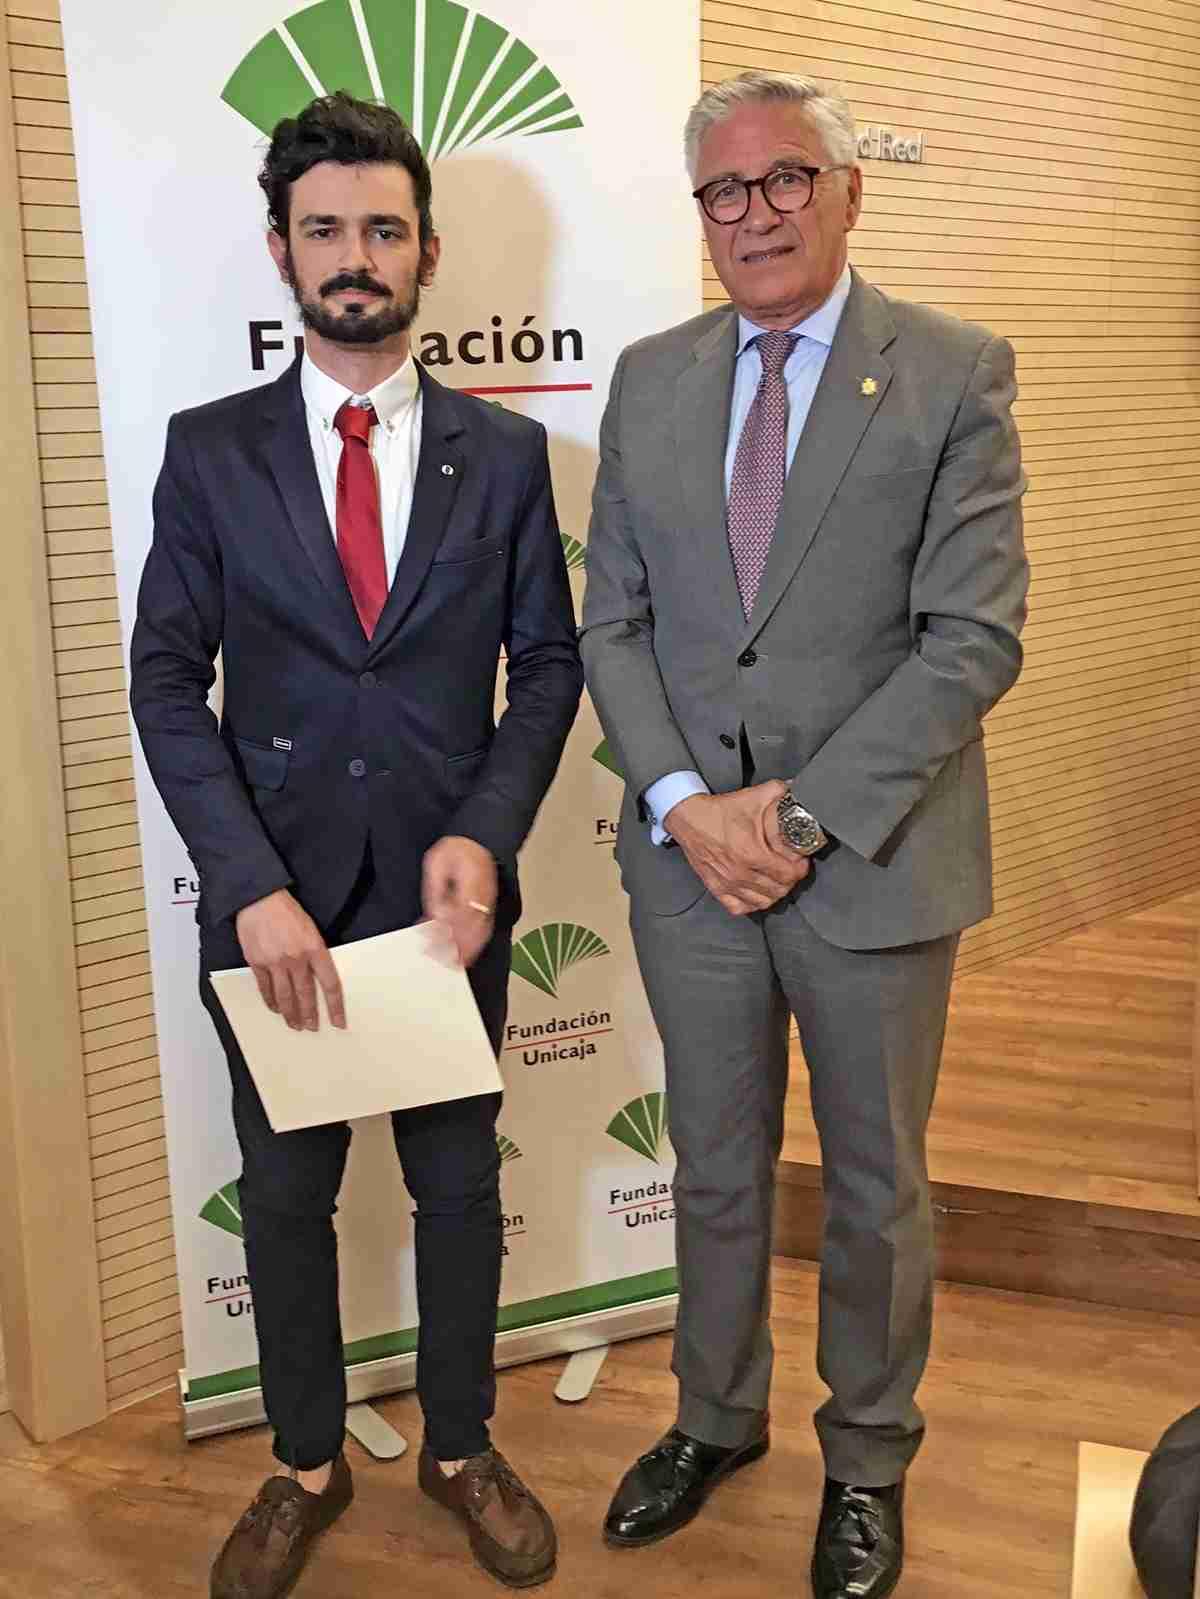 El Colegio de Médicos entregó su premio MIR al doctor Juan Antonio Requena Ibáñez 2